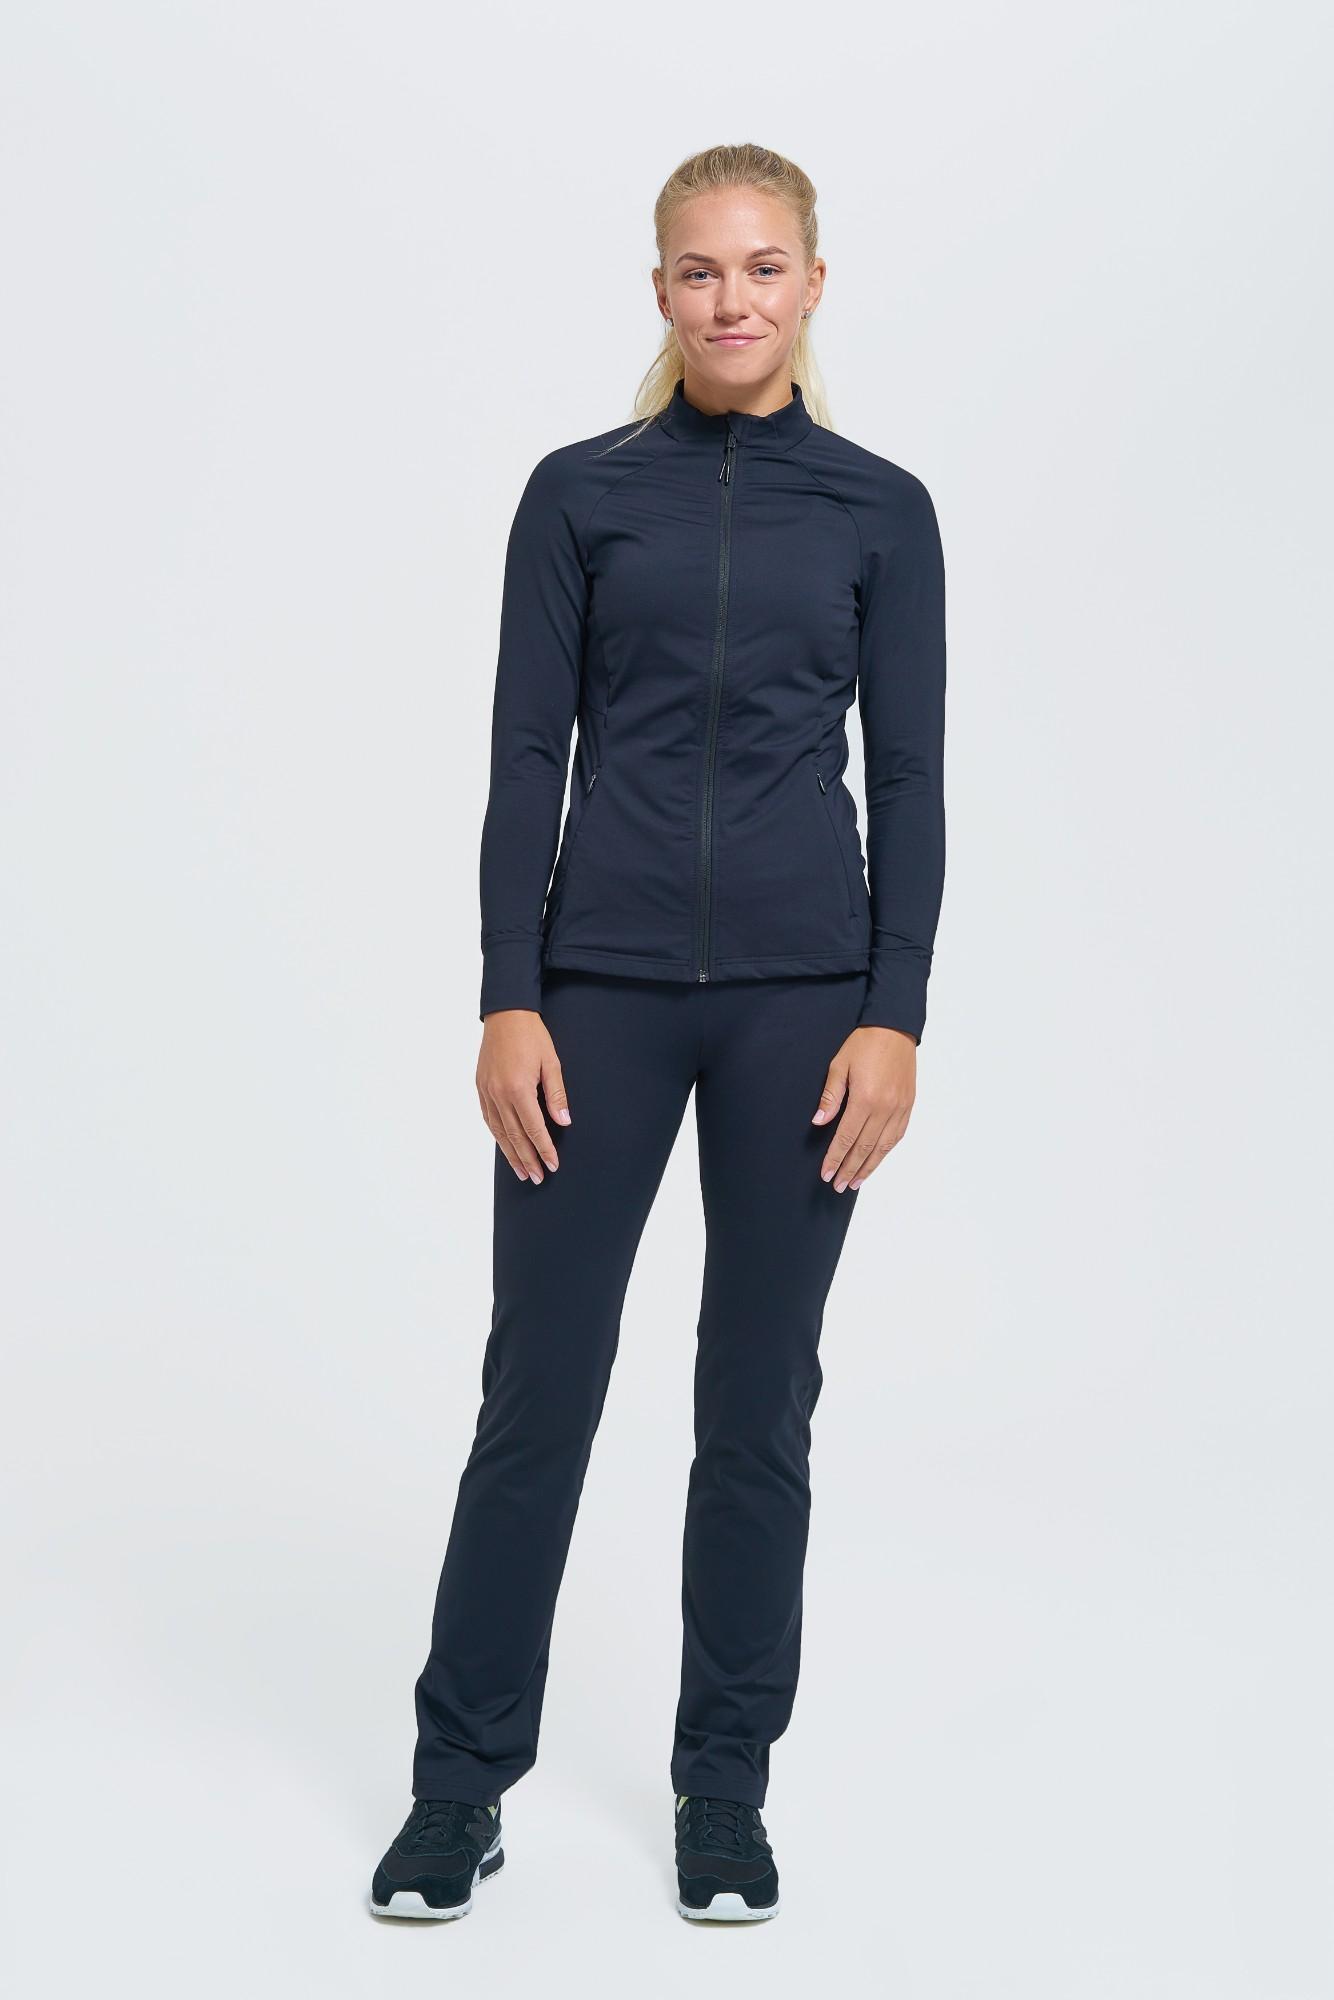 AUDIMAS Tiesaus silueto funkcionalios kelnės Black 160/S